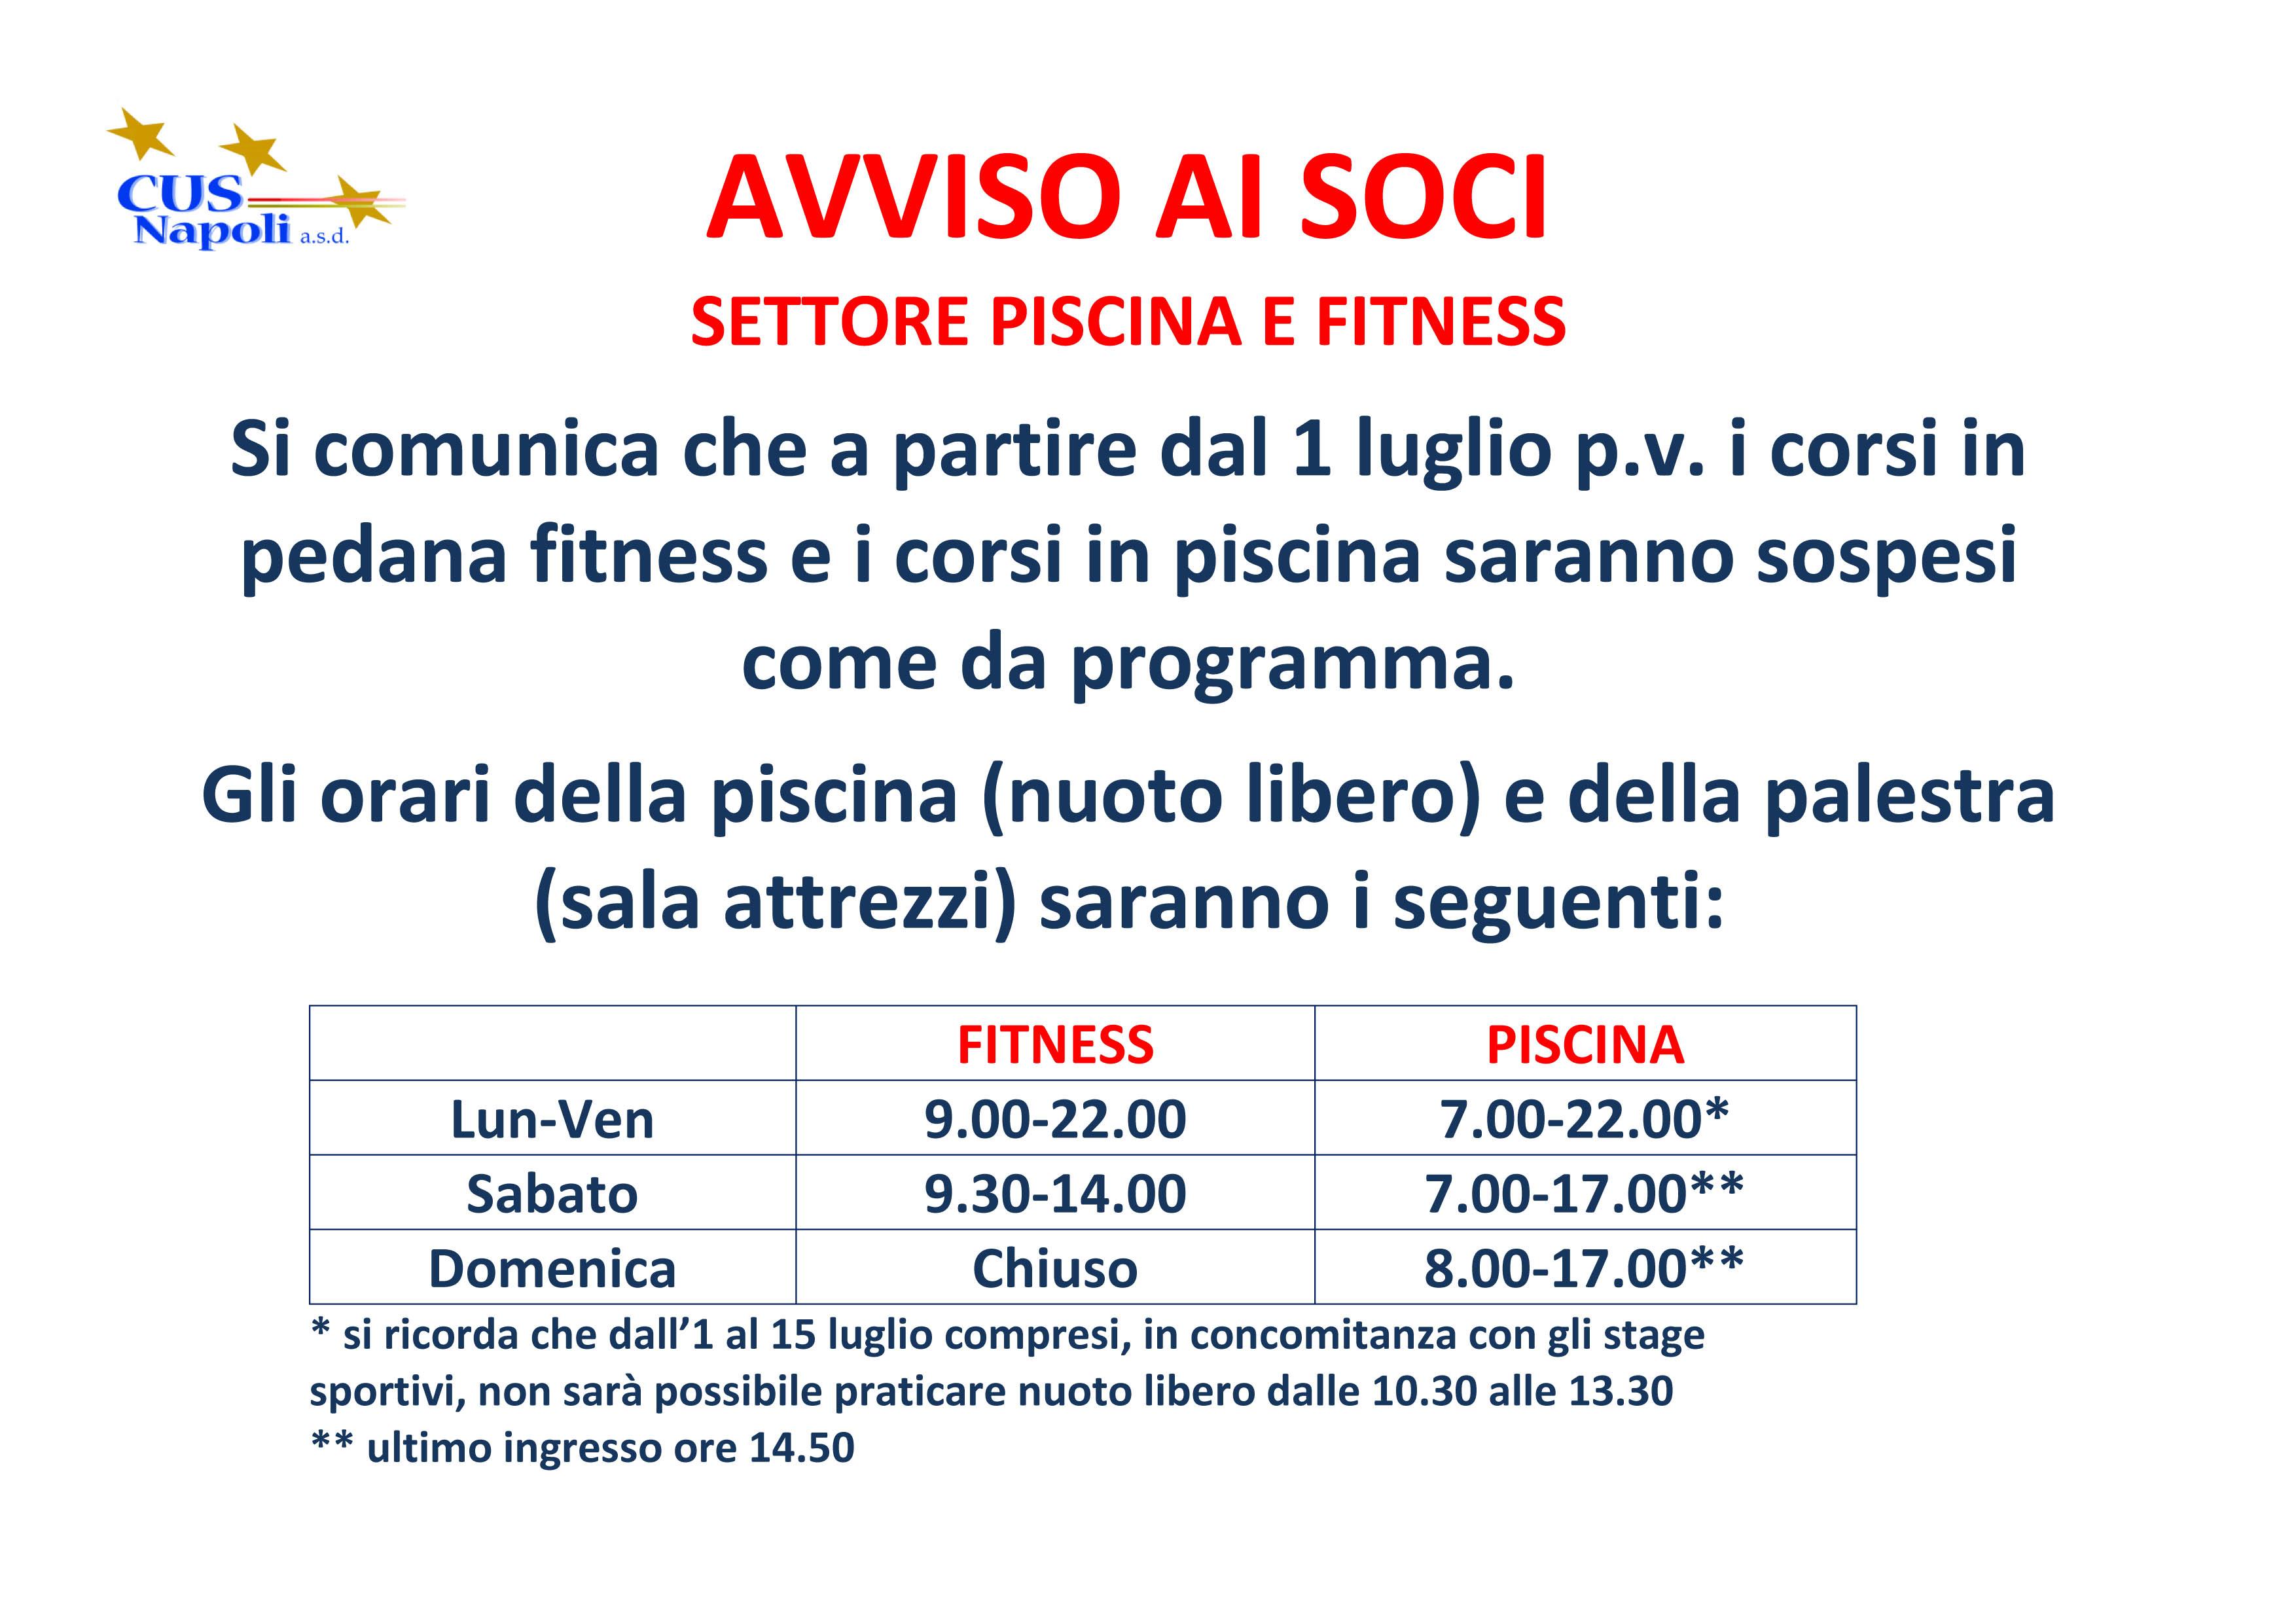 Cus napoli orari piscina e palestra luglio 2016 - Piscina valdobbiadene orari nuoto libero ...